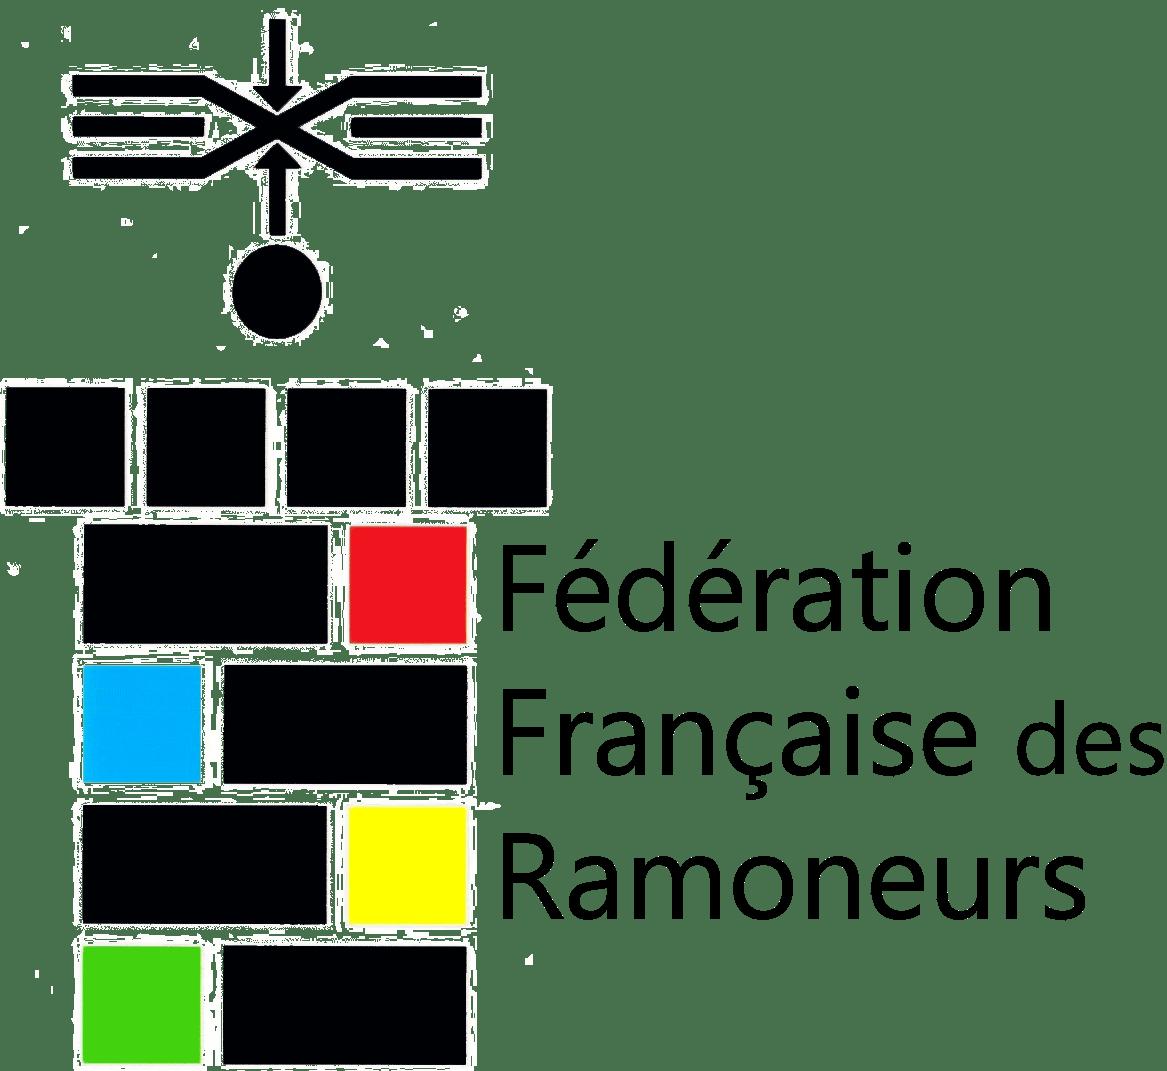 Alliance AIr Ramonage - Fédération Française des Ramoneurs